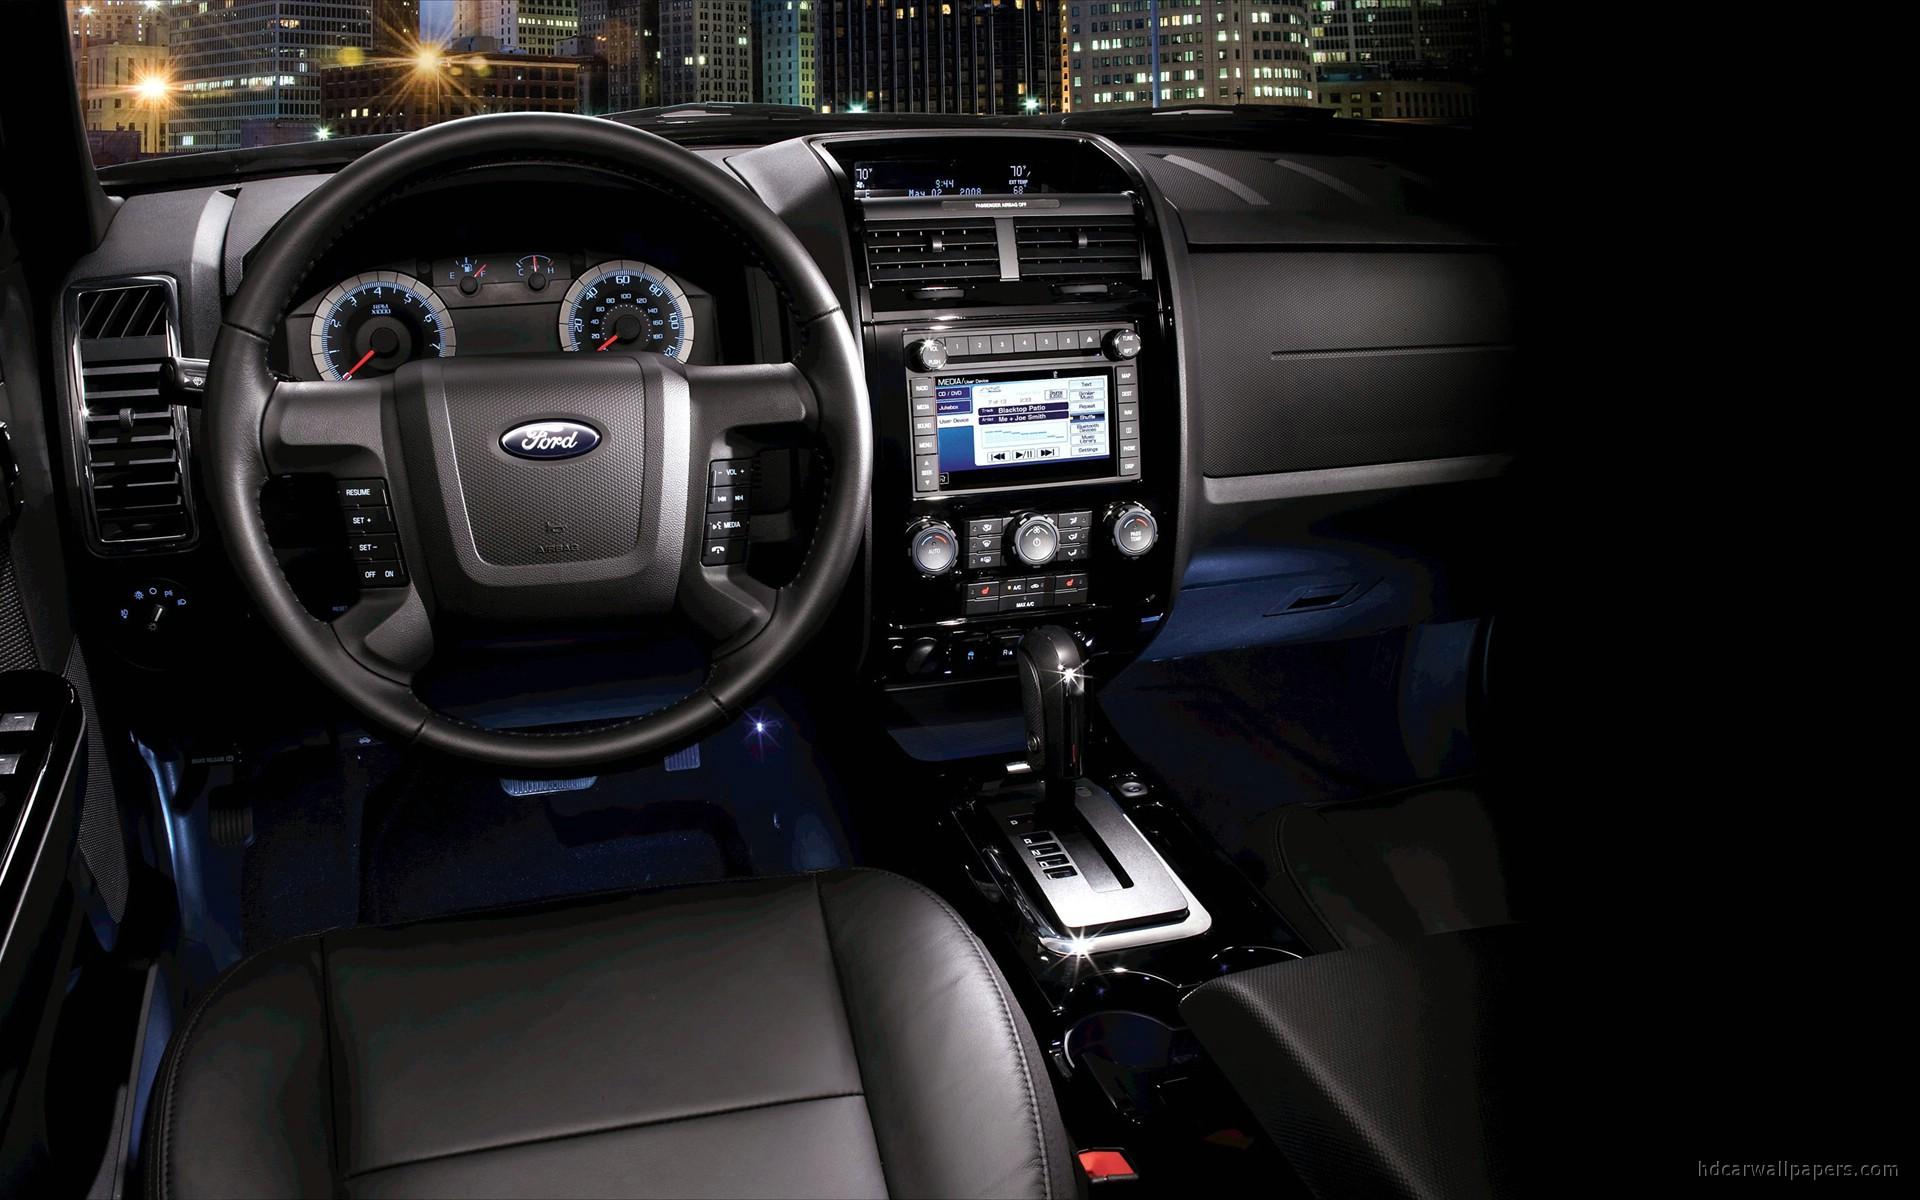 2010 Ford Escape Interior Wallpaper